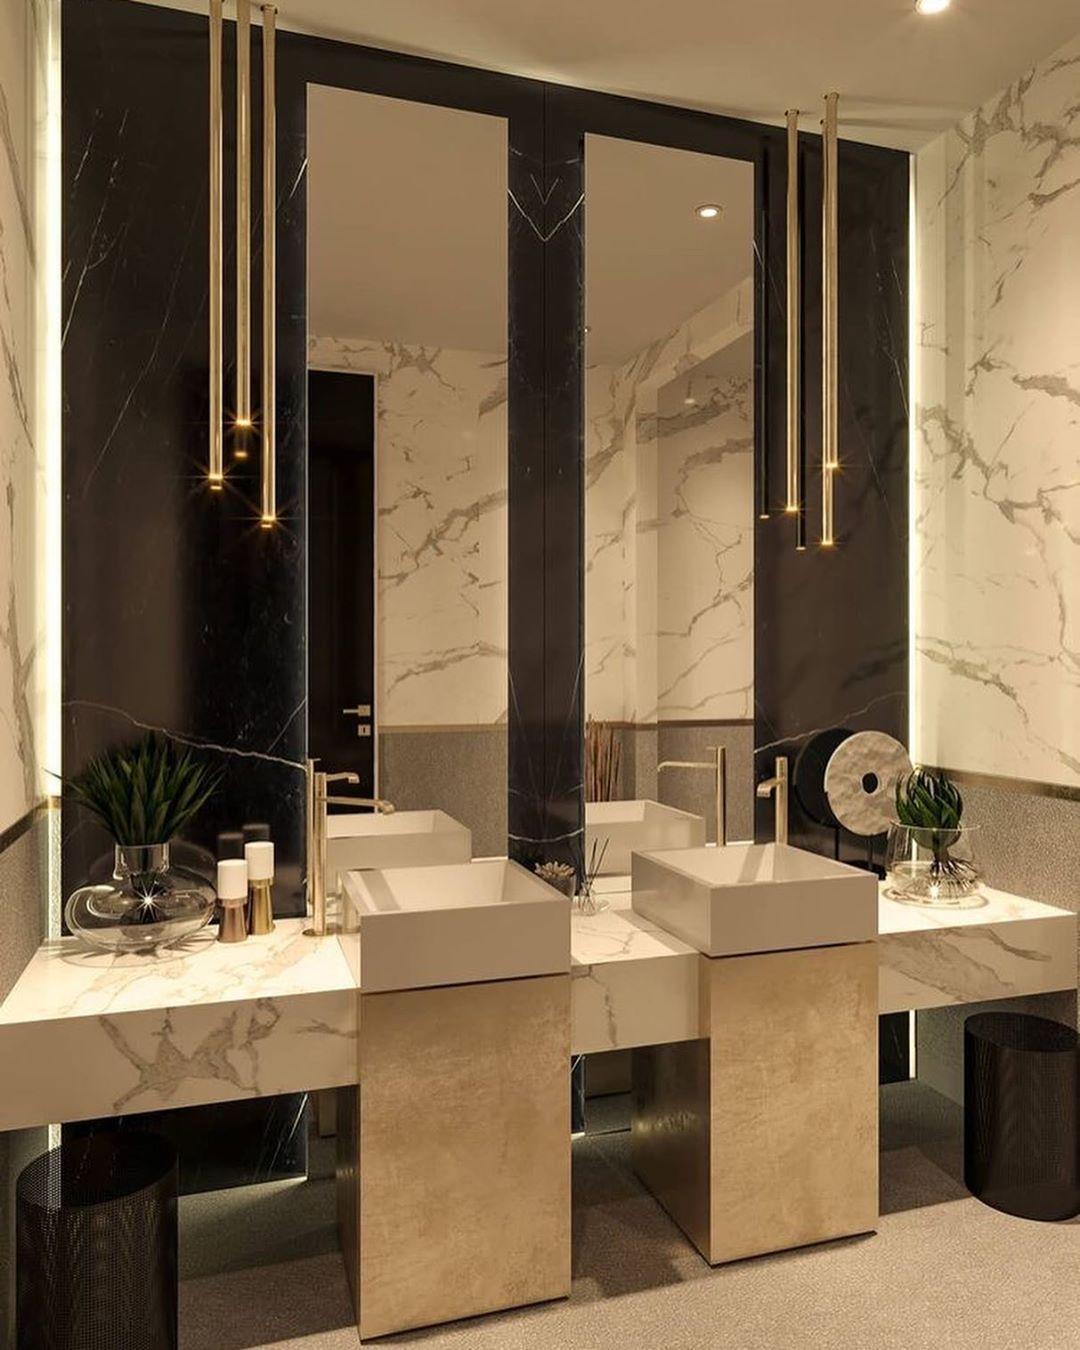 Pin By Tweety Chan On Powder Wash Bath Room Bathroom Design Decor Bathroom Design Luxury Bathroom Interior Design